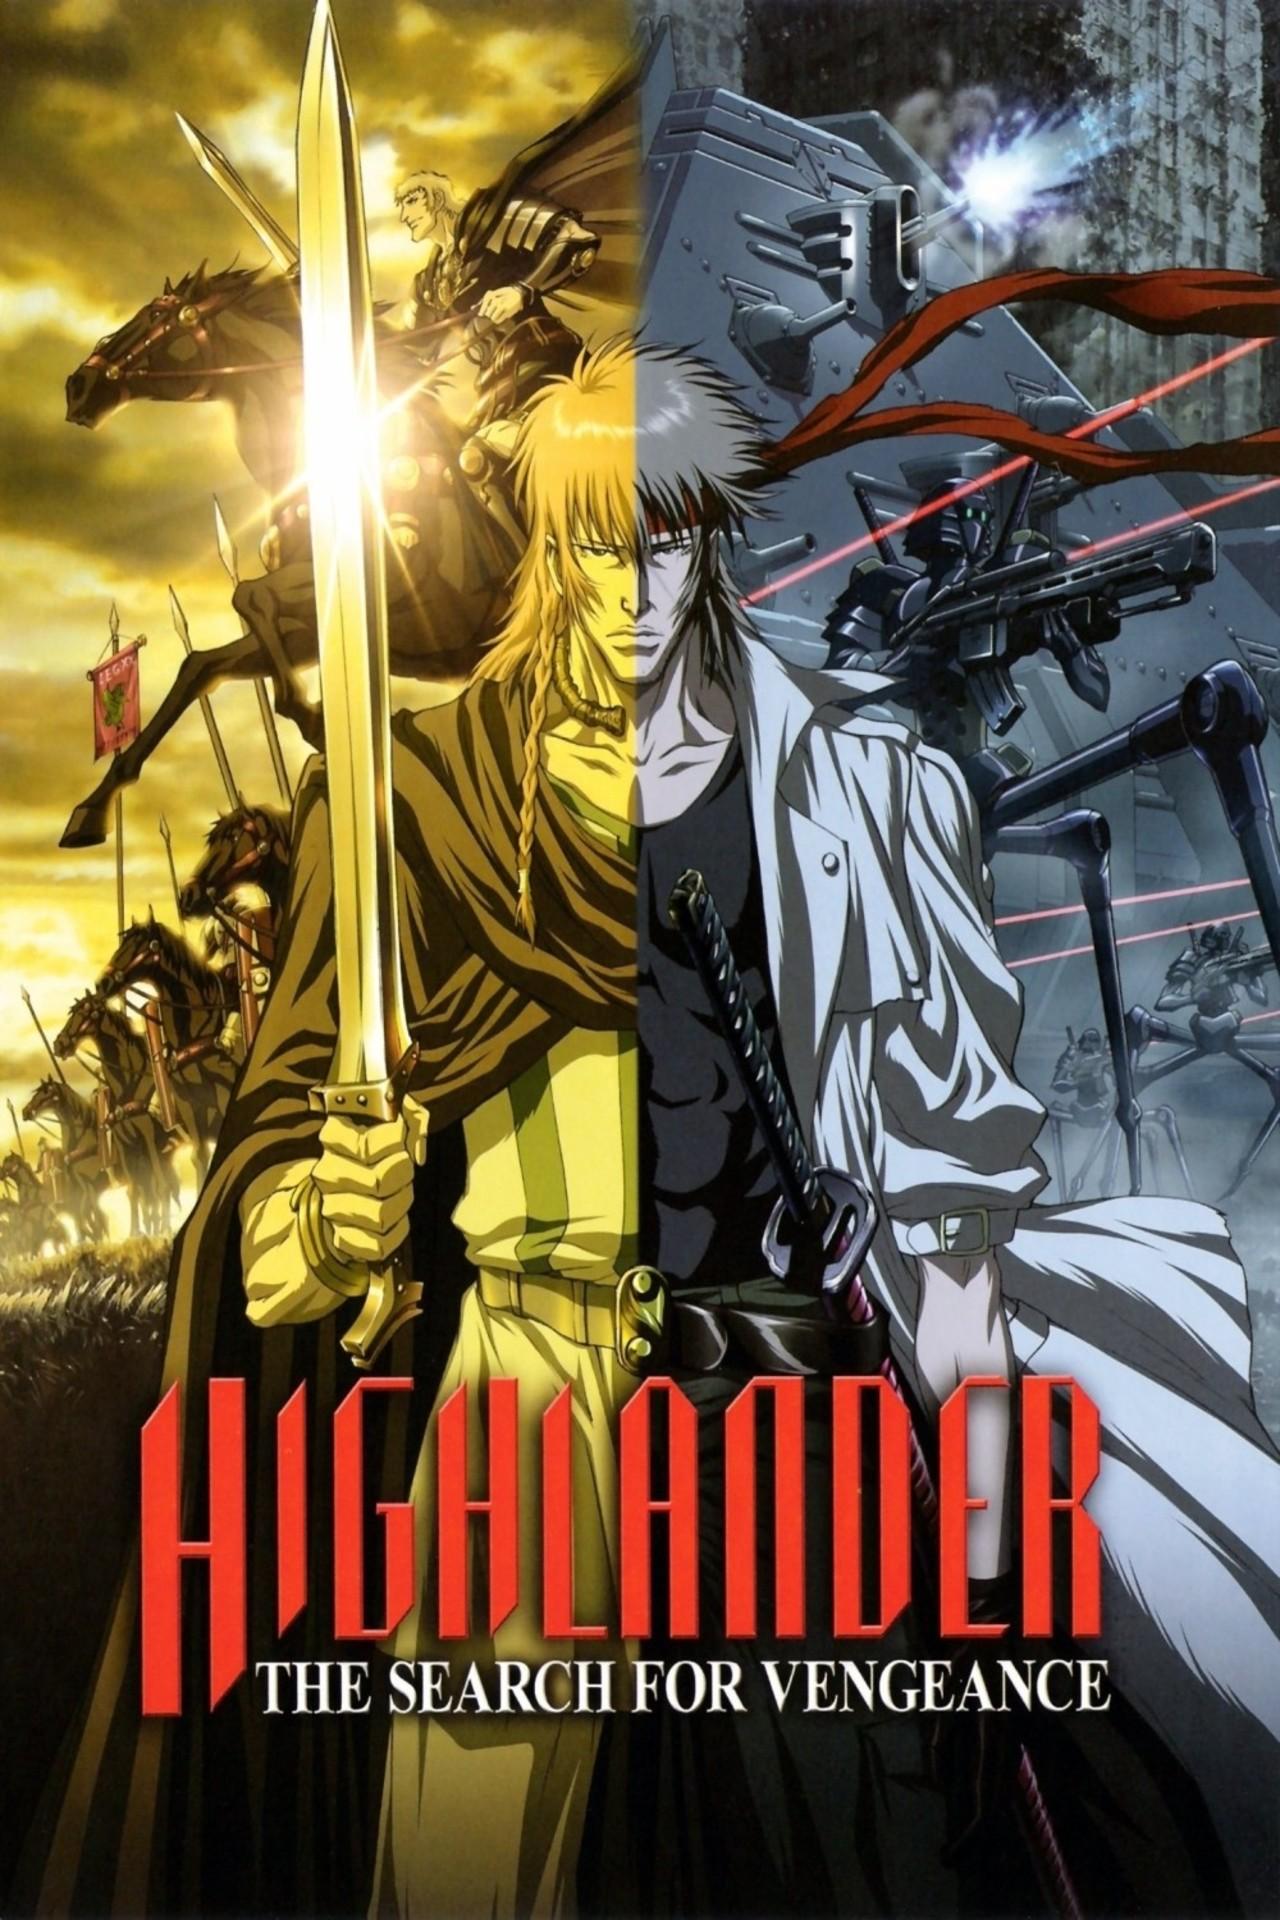 Highlander: The Search for Vengeance kapak